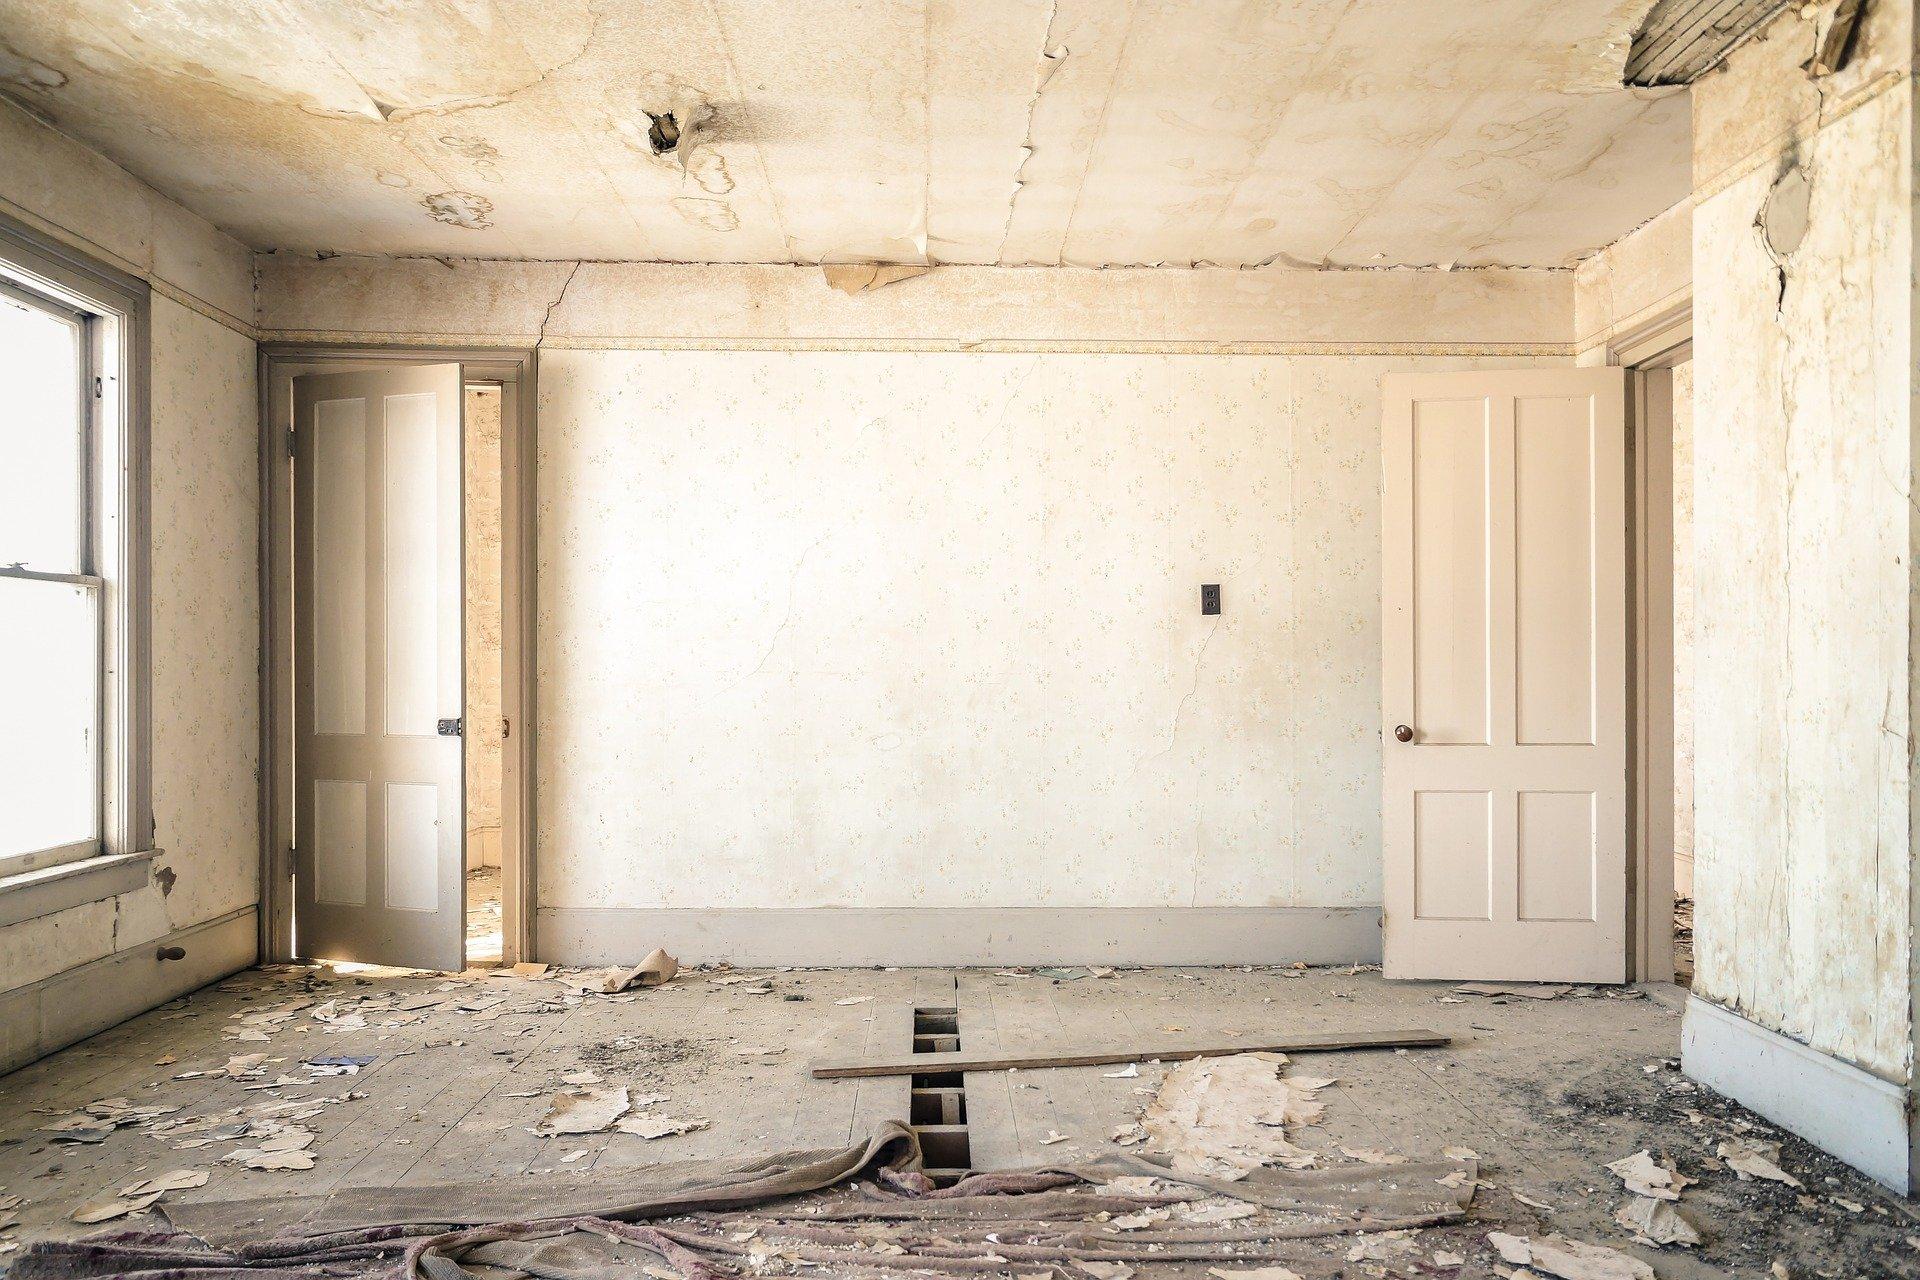 Comment éviter de louer à un mauvais locataire?